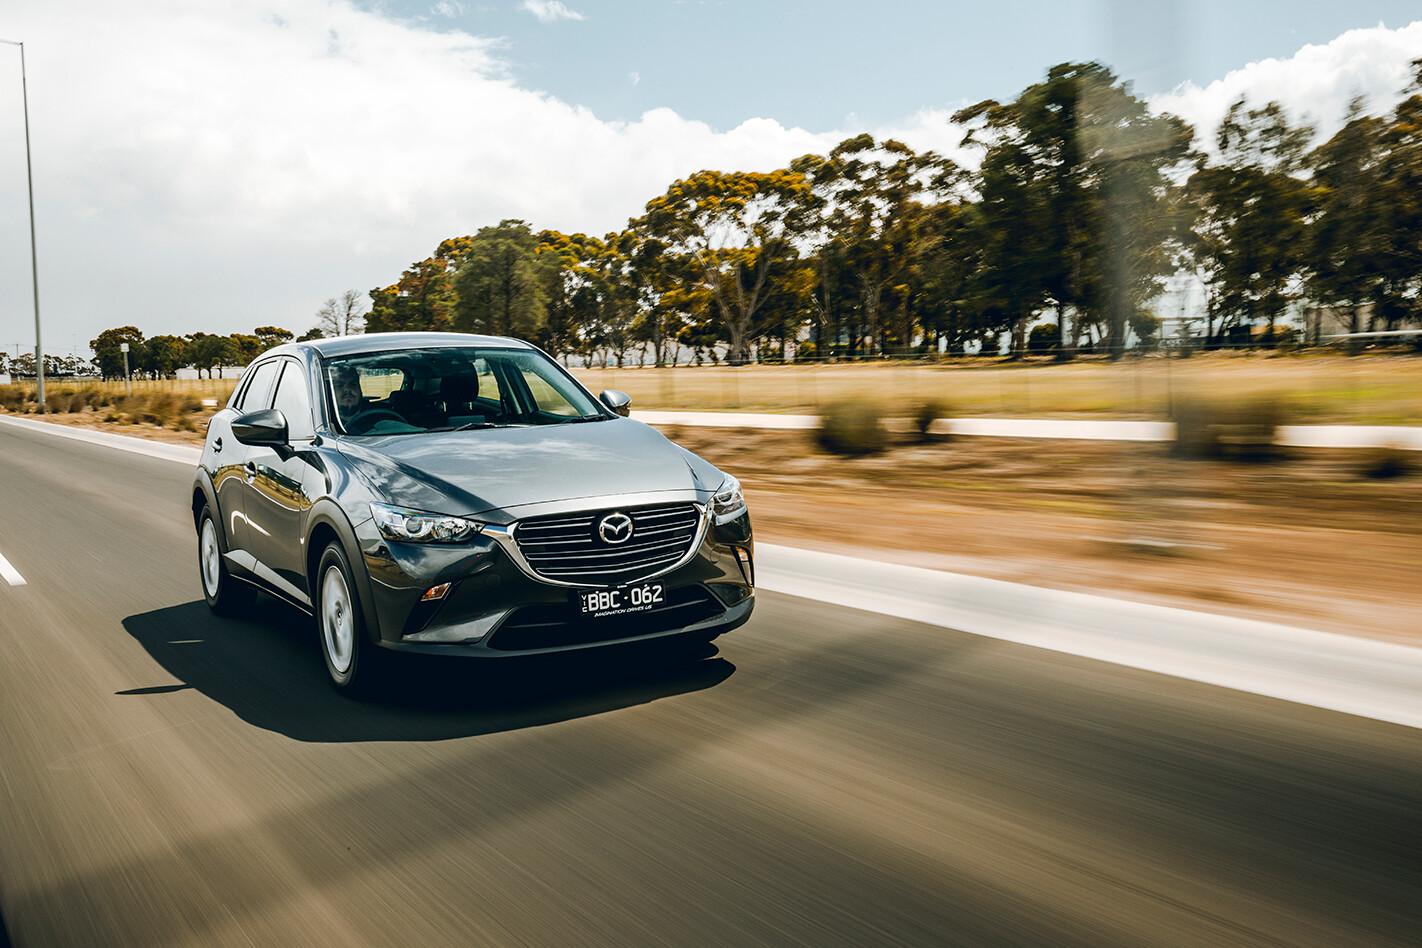 2020 Mazda CX-3 silver